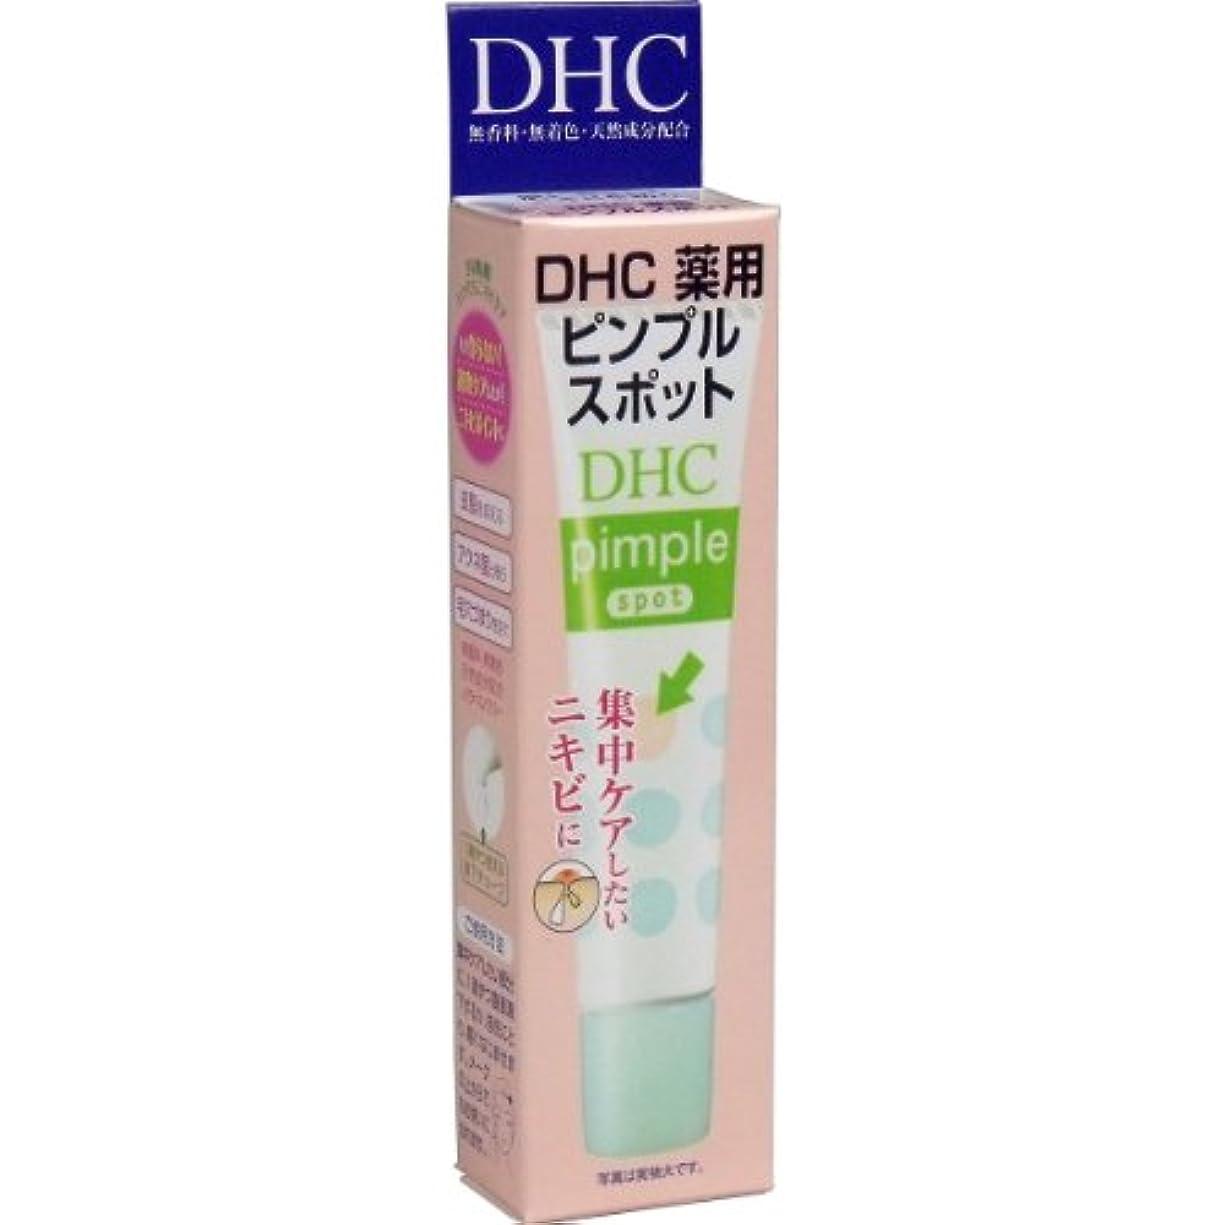 【DHC】DHC 薬用ピンプルスポット 15ml ×10個セット